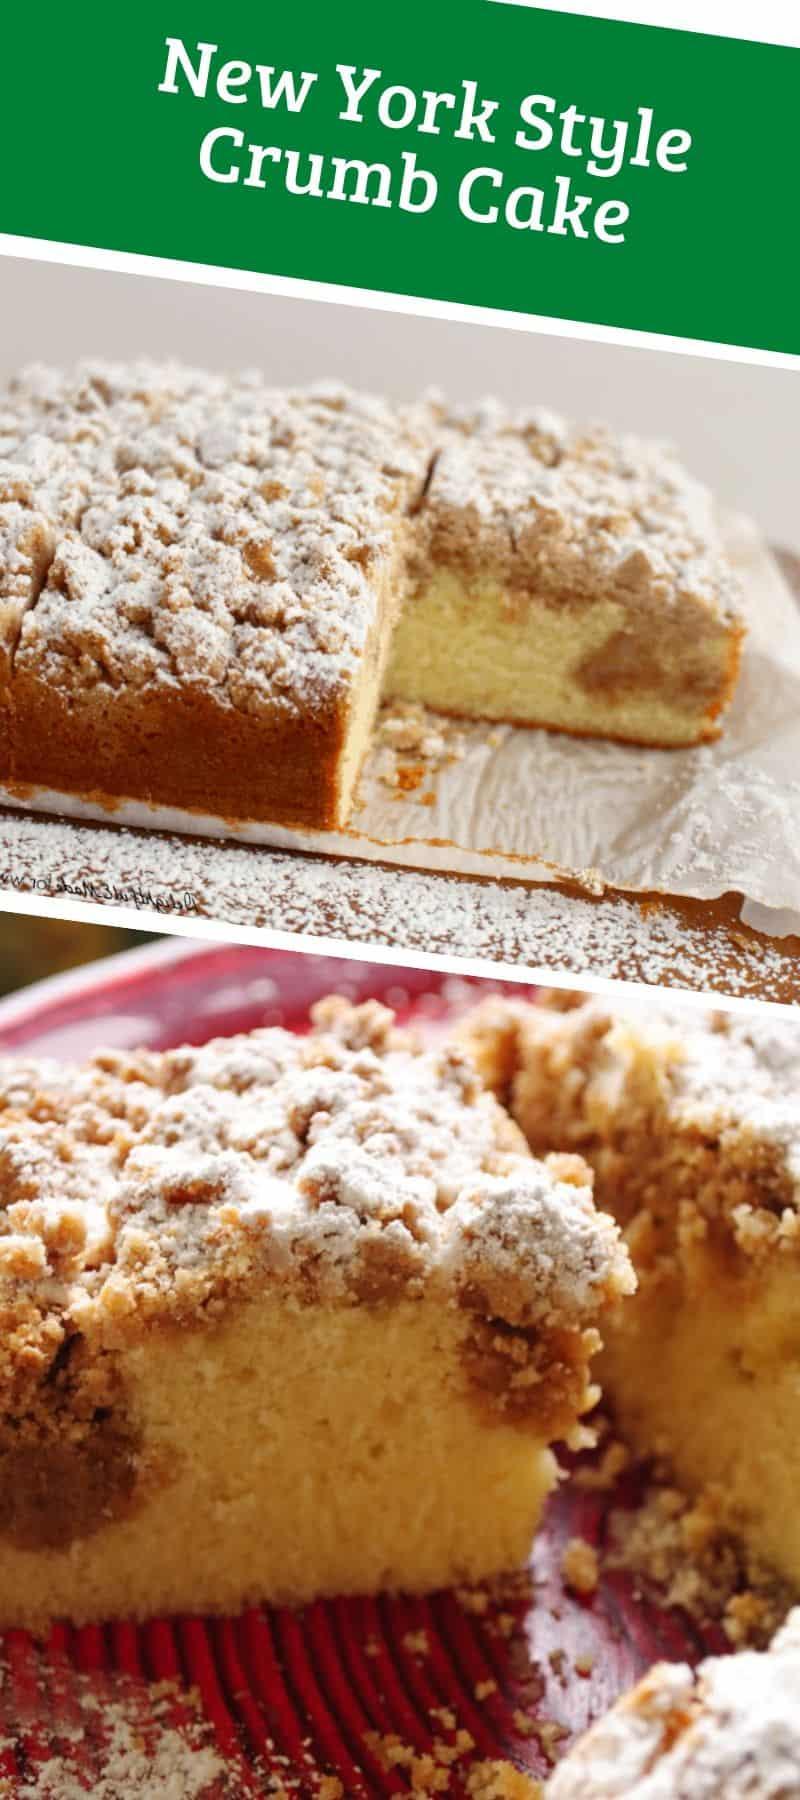 New York Style Crumb Cake 3